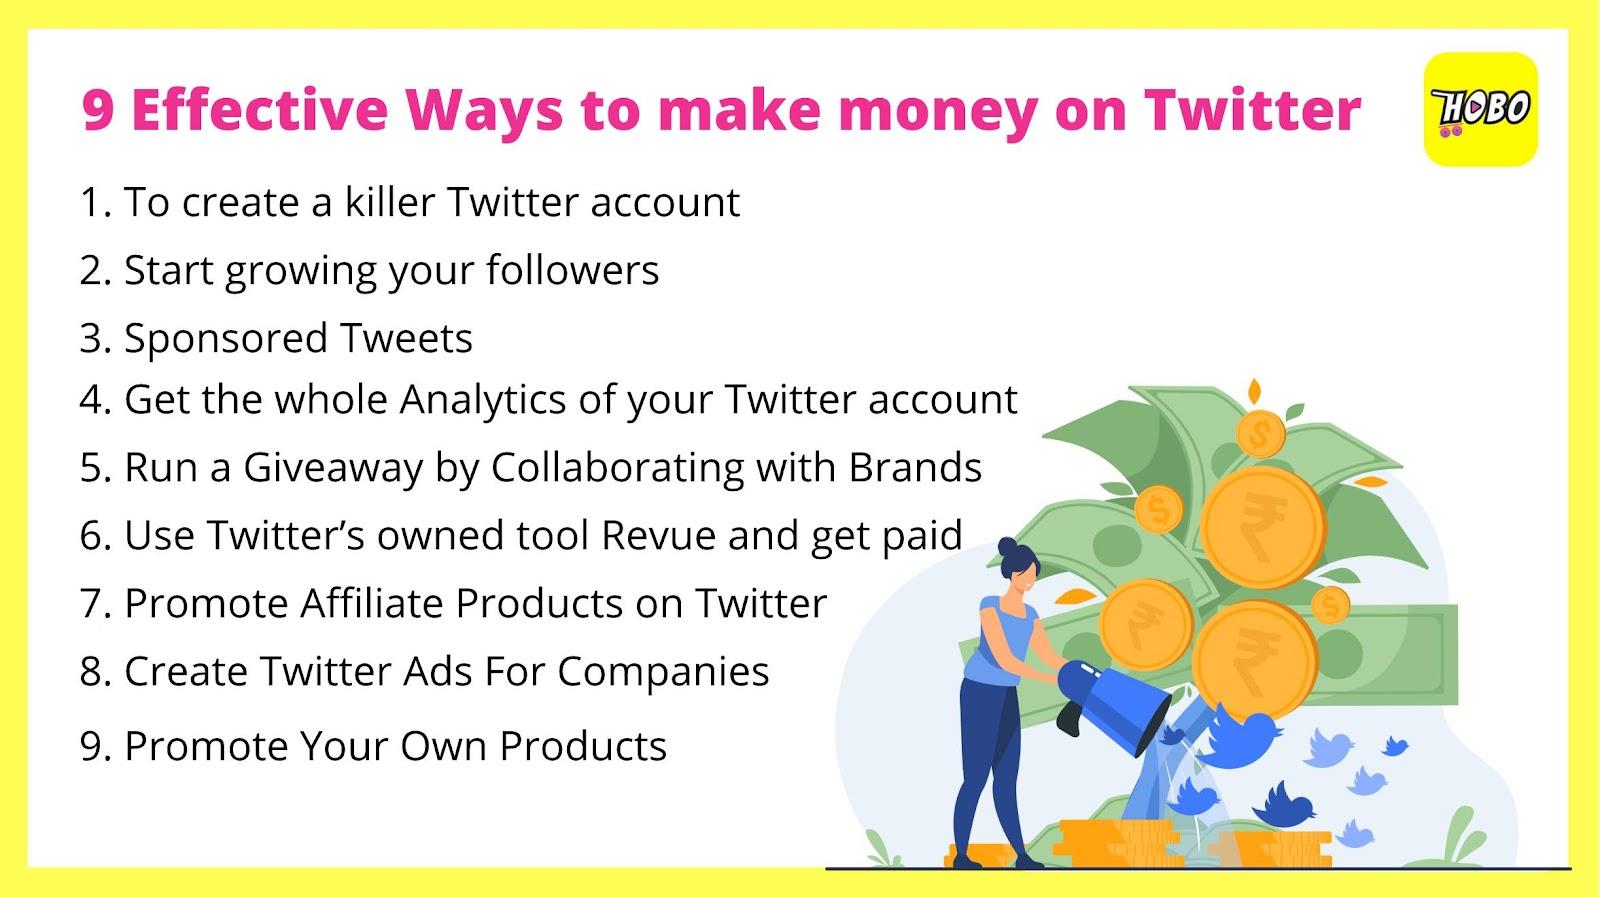 Make money on Twitter: 9 Steps